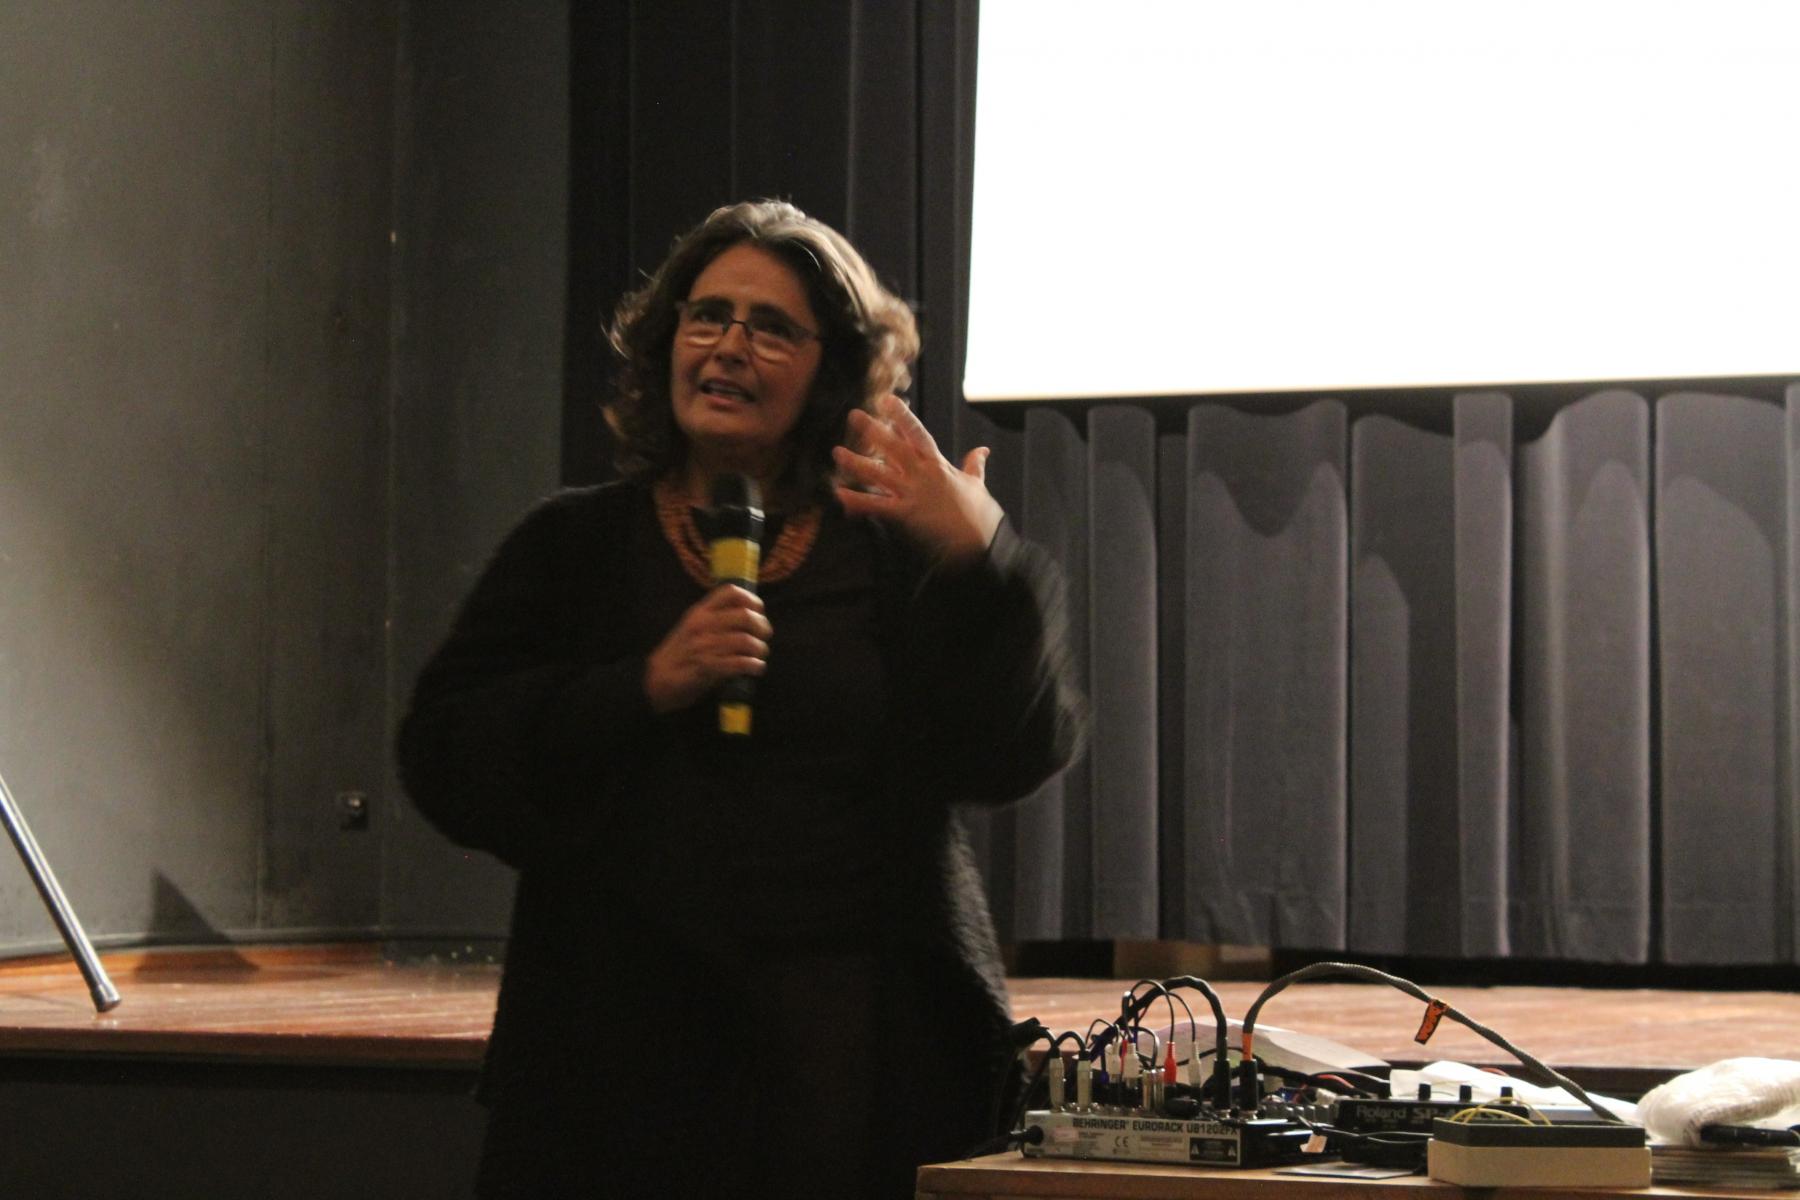 Rita Mendoça, Goethe Institut Sao Paulo, 2019